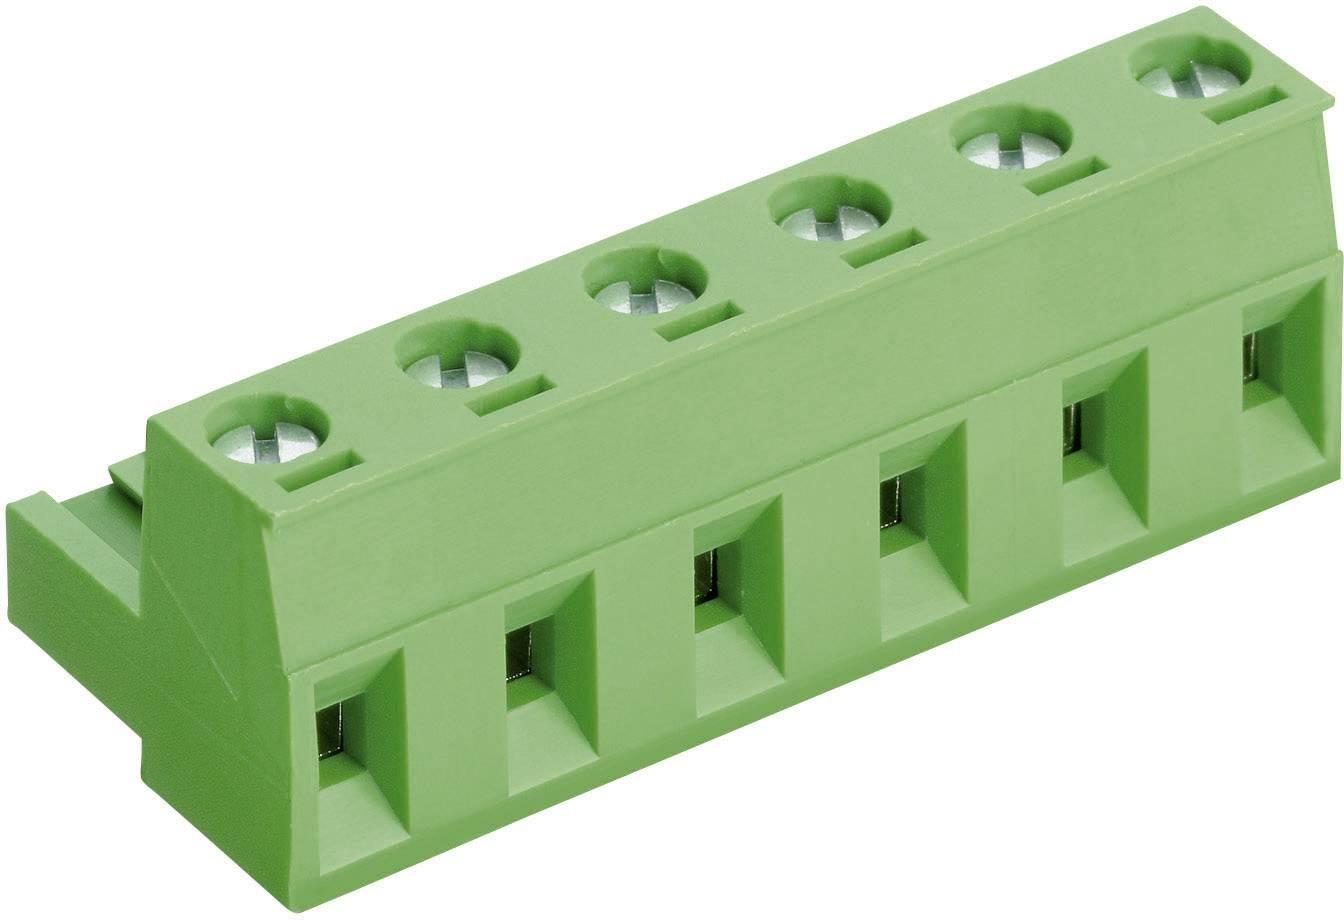 Zásuvkové púzdro na kábel PTR AKZ960/2-7.62 50960020021E, 17.30 mm, pólů 2, rozteč 7.62 mm, 1 ks